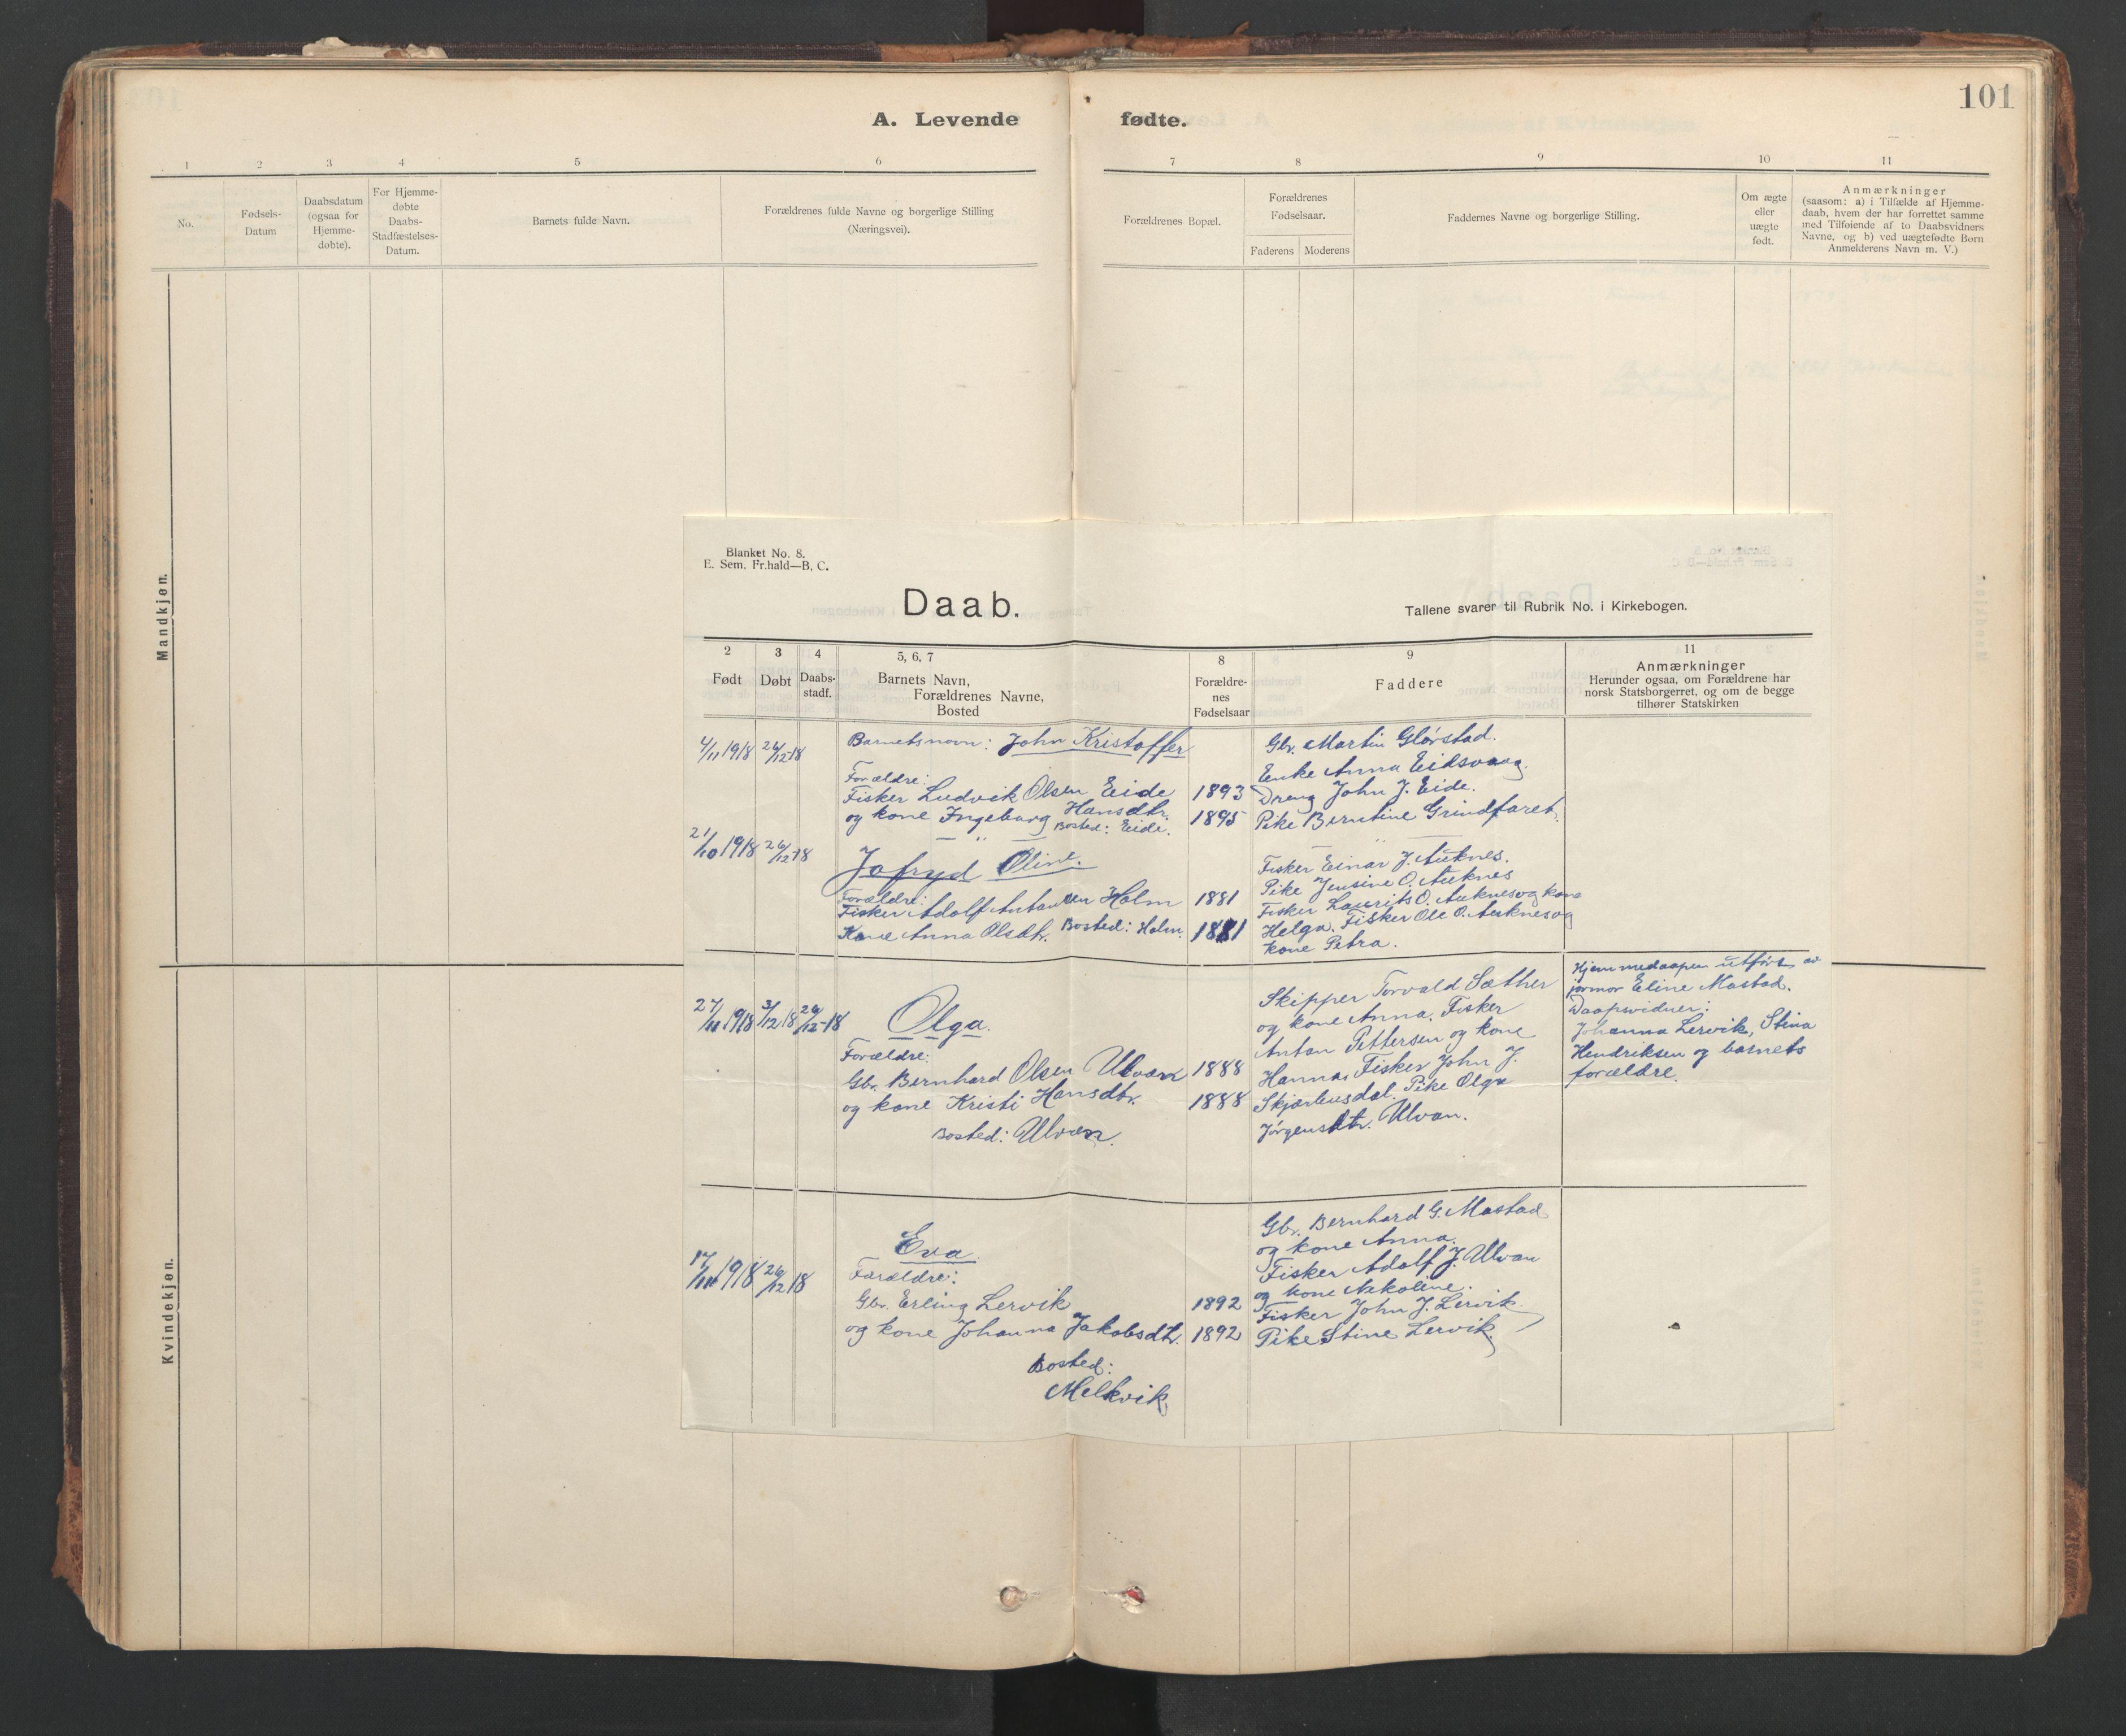 SAT, Ministerialprotokoller, klokkerbøker og fødselsregistre - Sør-Trøndelag, 637/L0559: Ministerialbok nr. 637A02, 1899-1923, s. 101